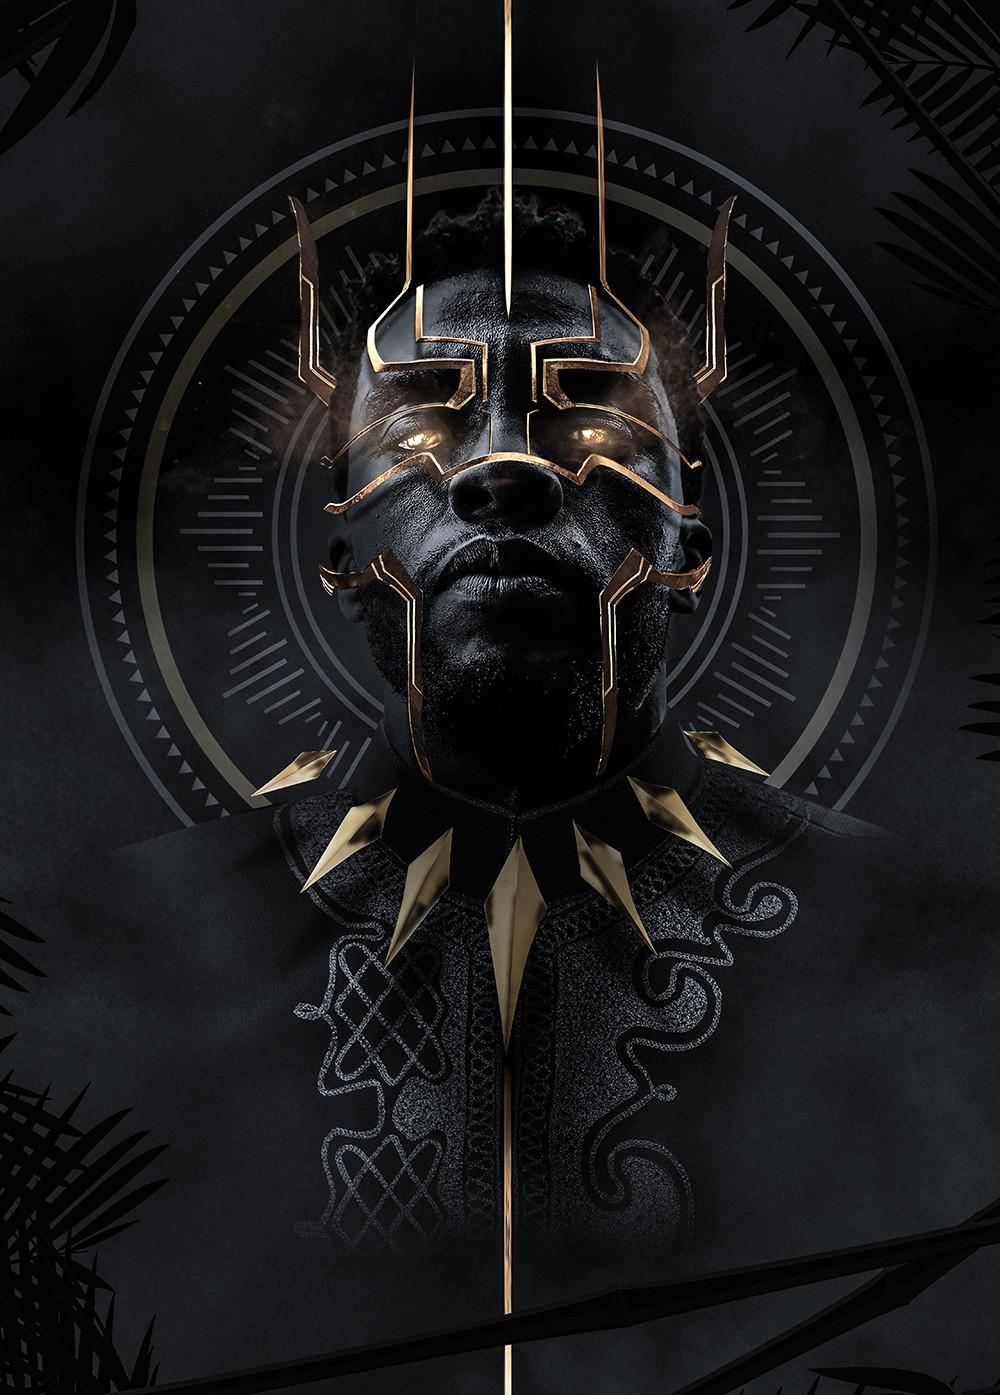 Kode lgx the king is deadxx